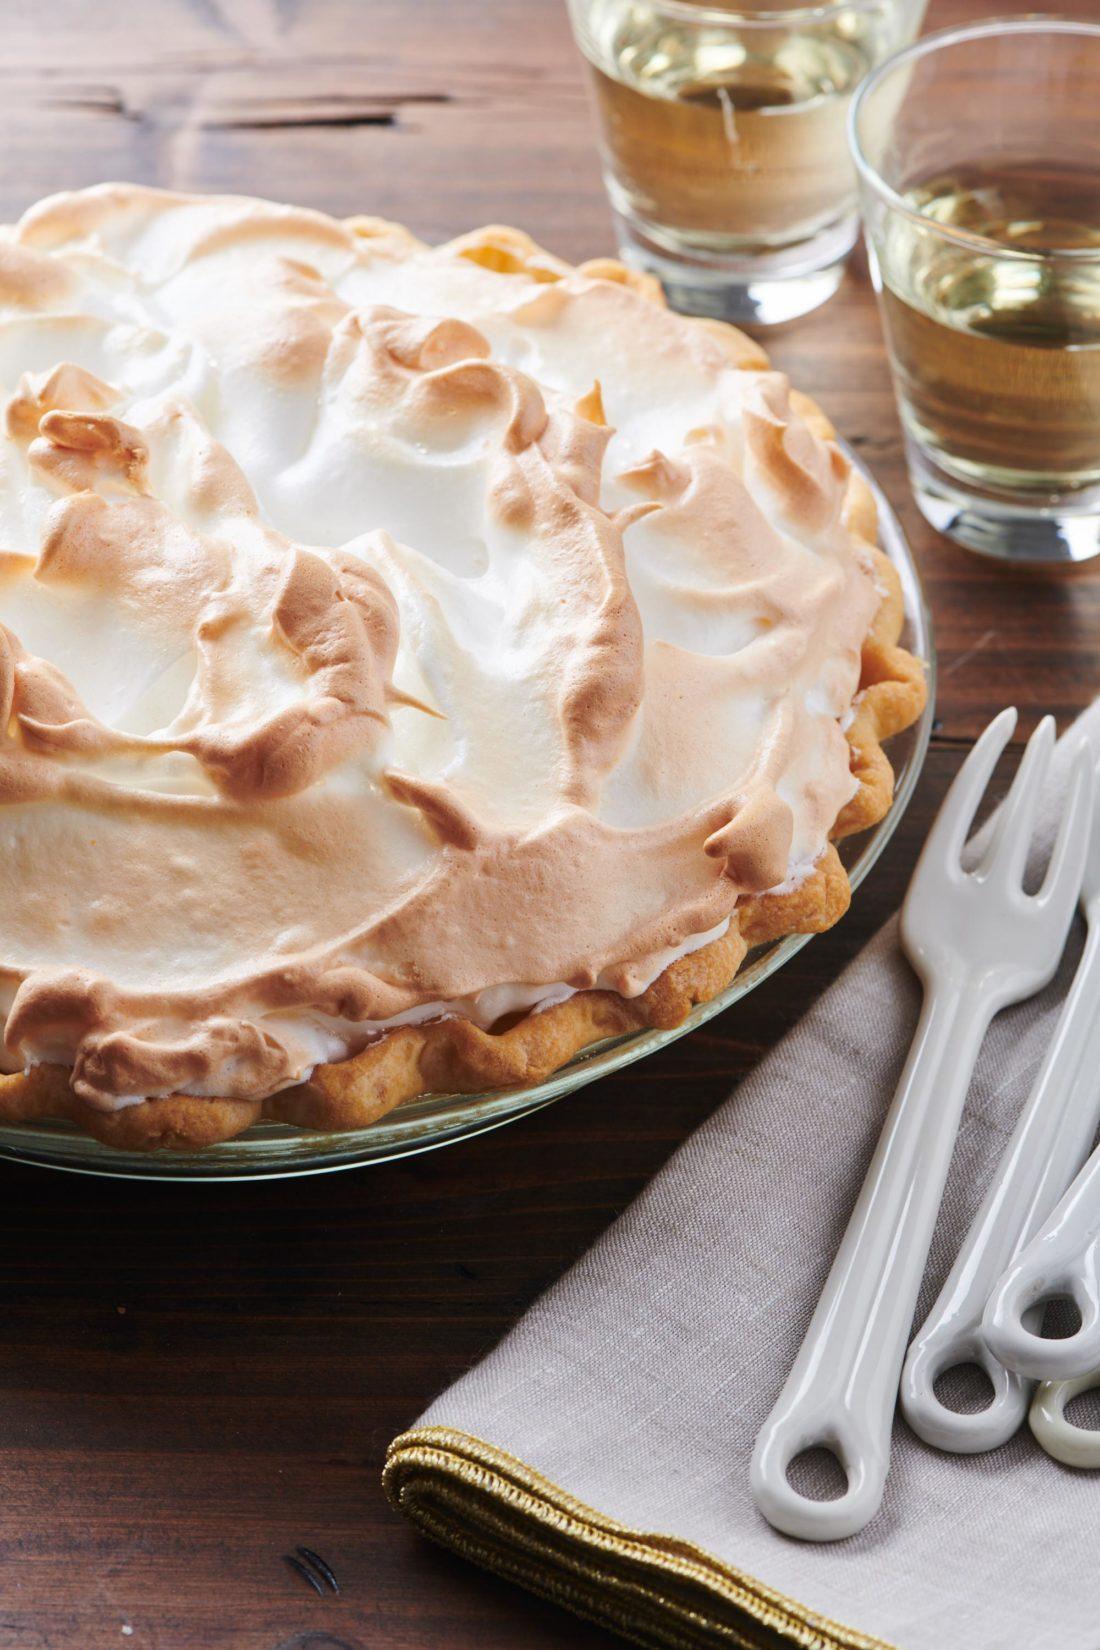 Lemon Meringue Pie with browned top